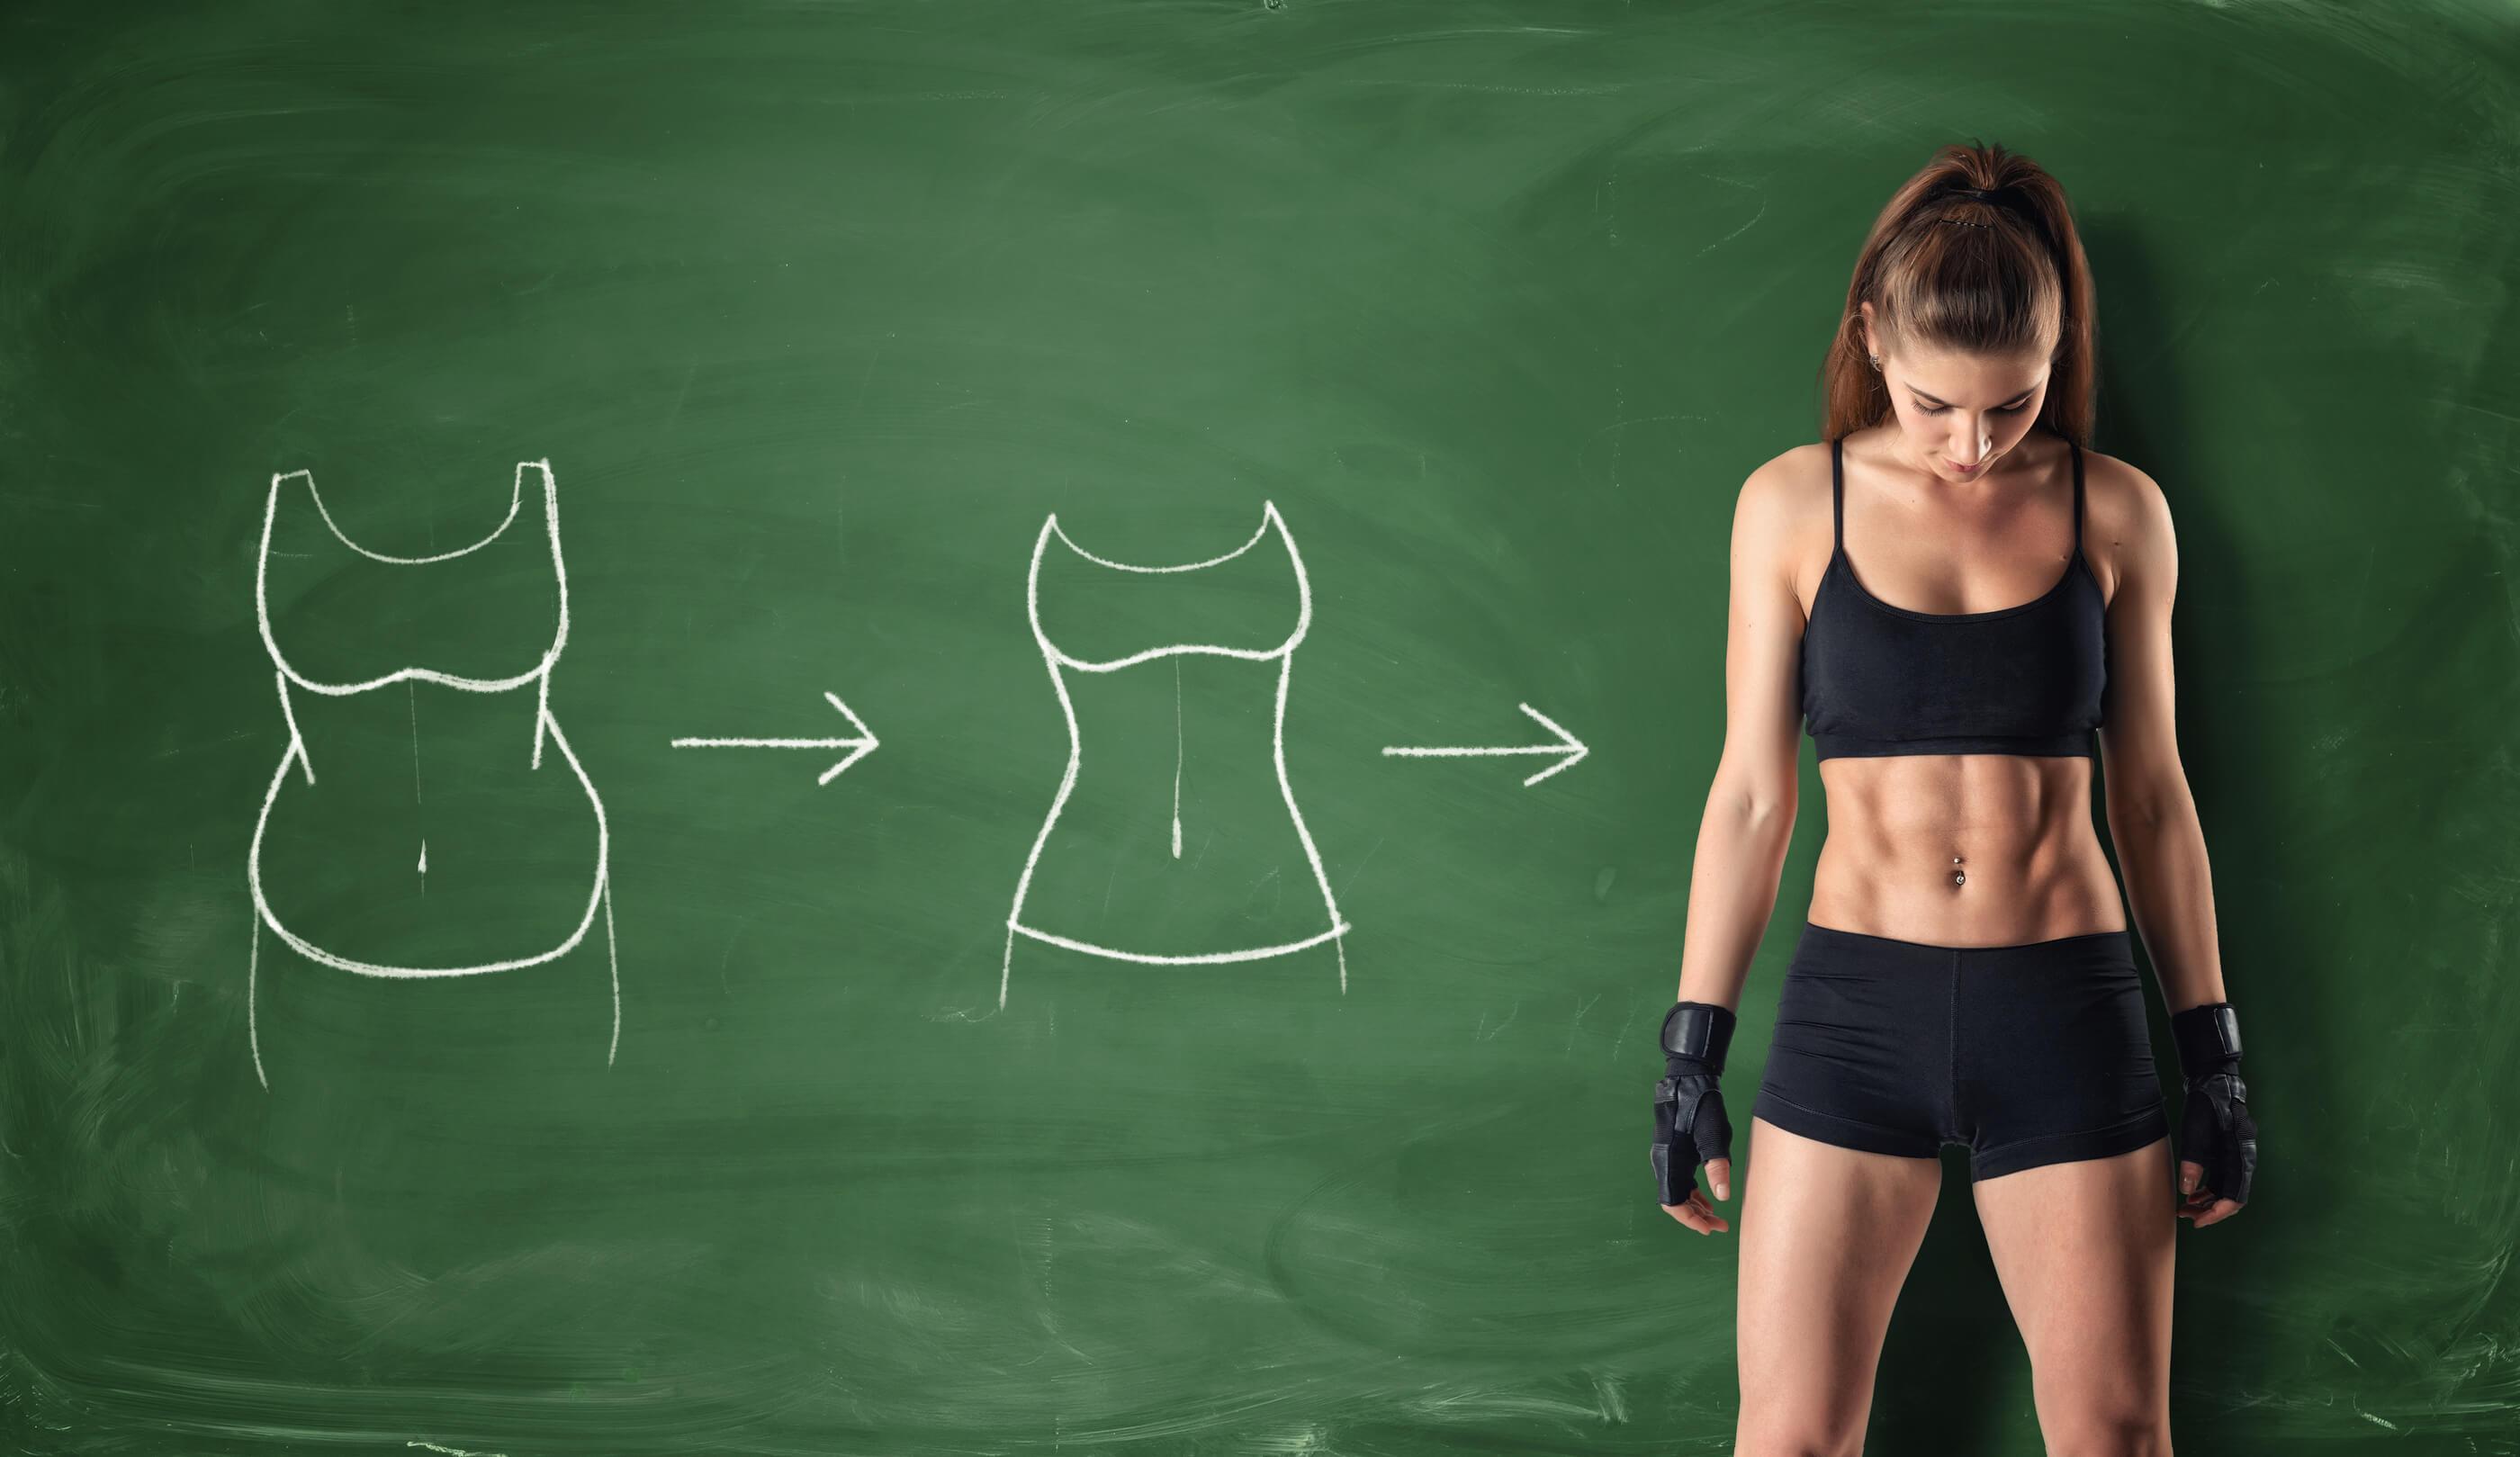 酵素幫助維持消化道機能!擺脫營養吸收問題